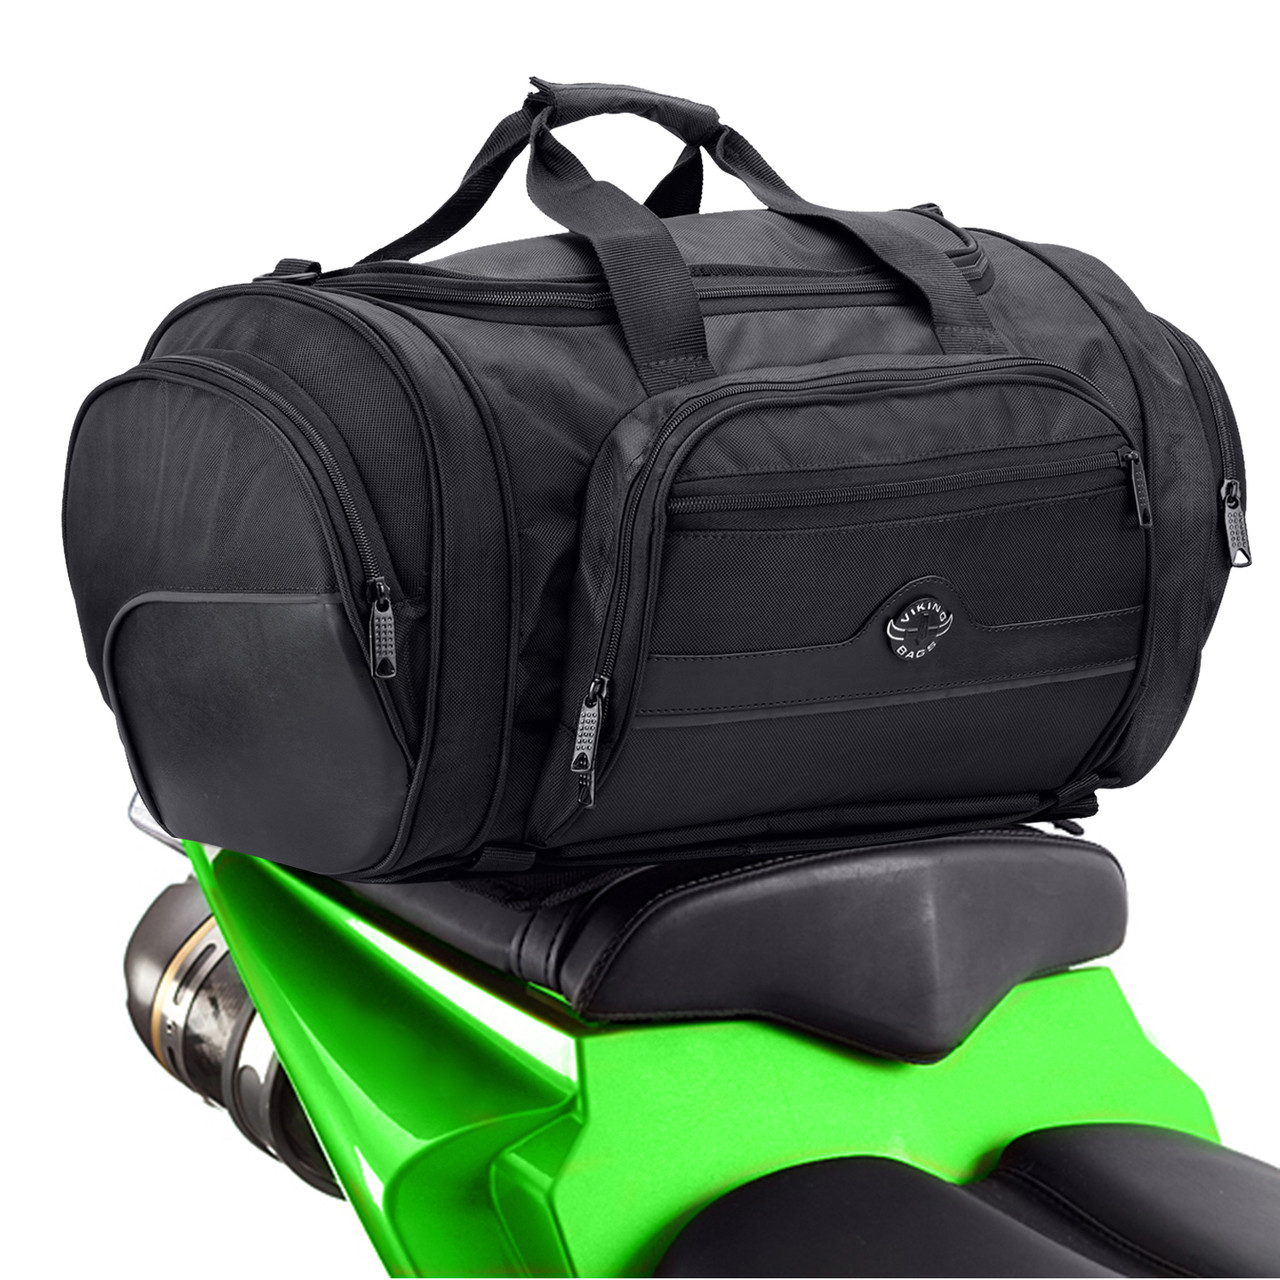 Viking Cruise Motorcycle Roll Bag